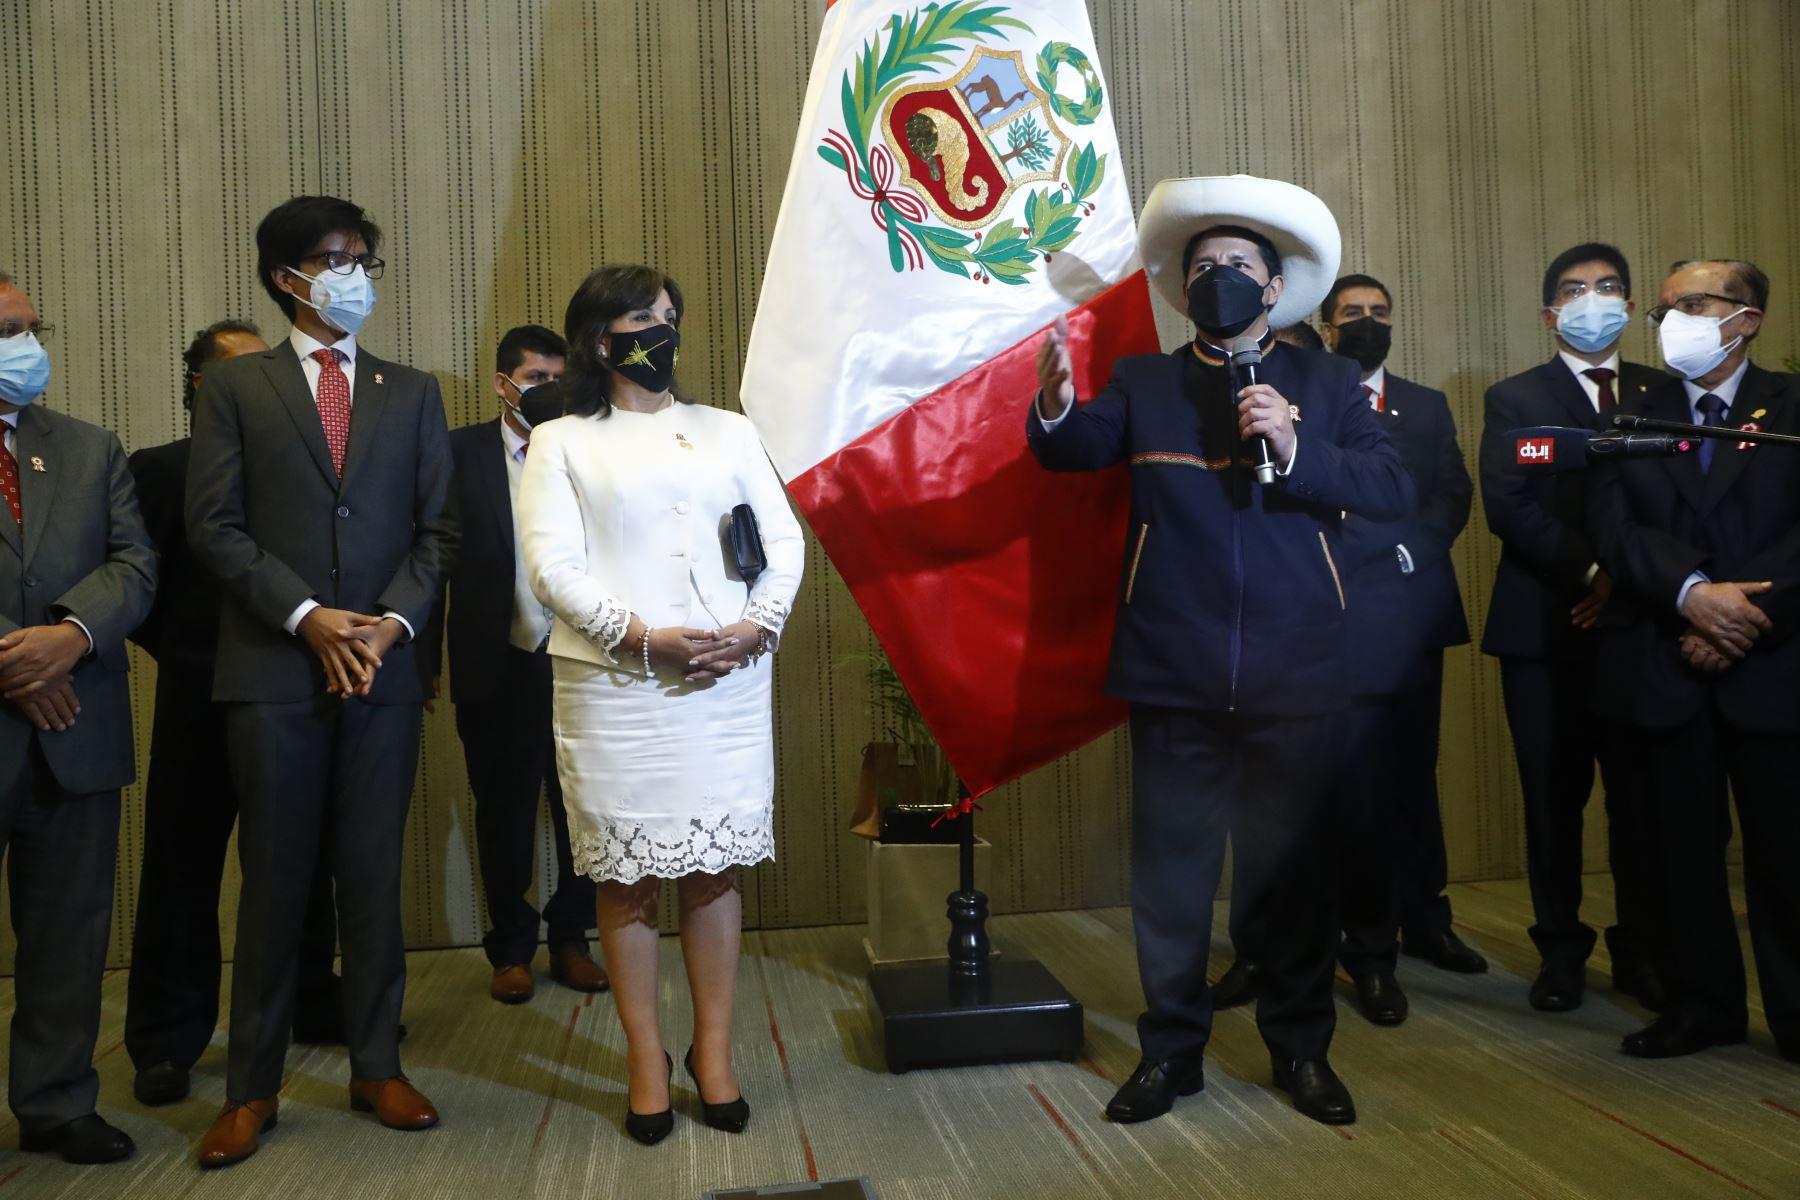 Saludo protocolar de altas autoridades de la Nación al señor presidente de la República, Pedro Castillo Terrones. Foto: ANDINA/ Prensa Presidencia